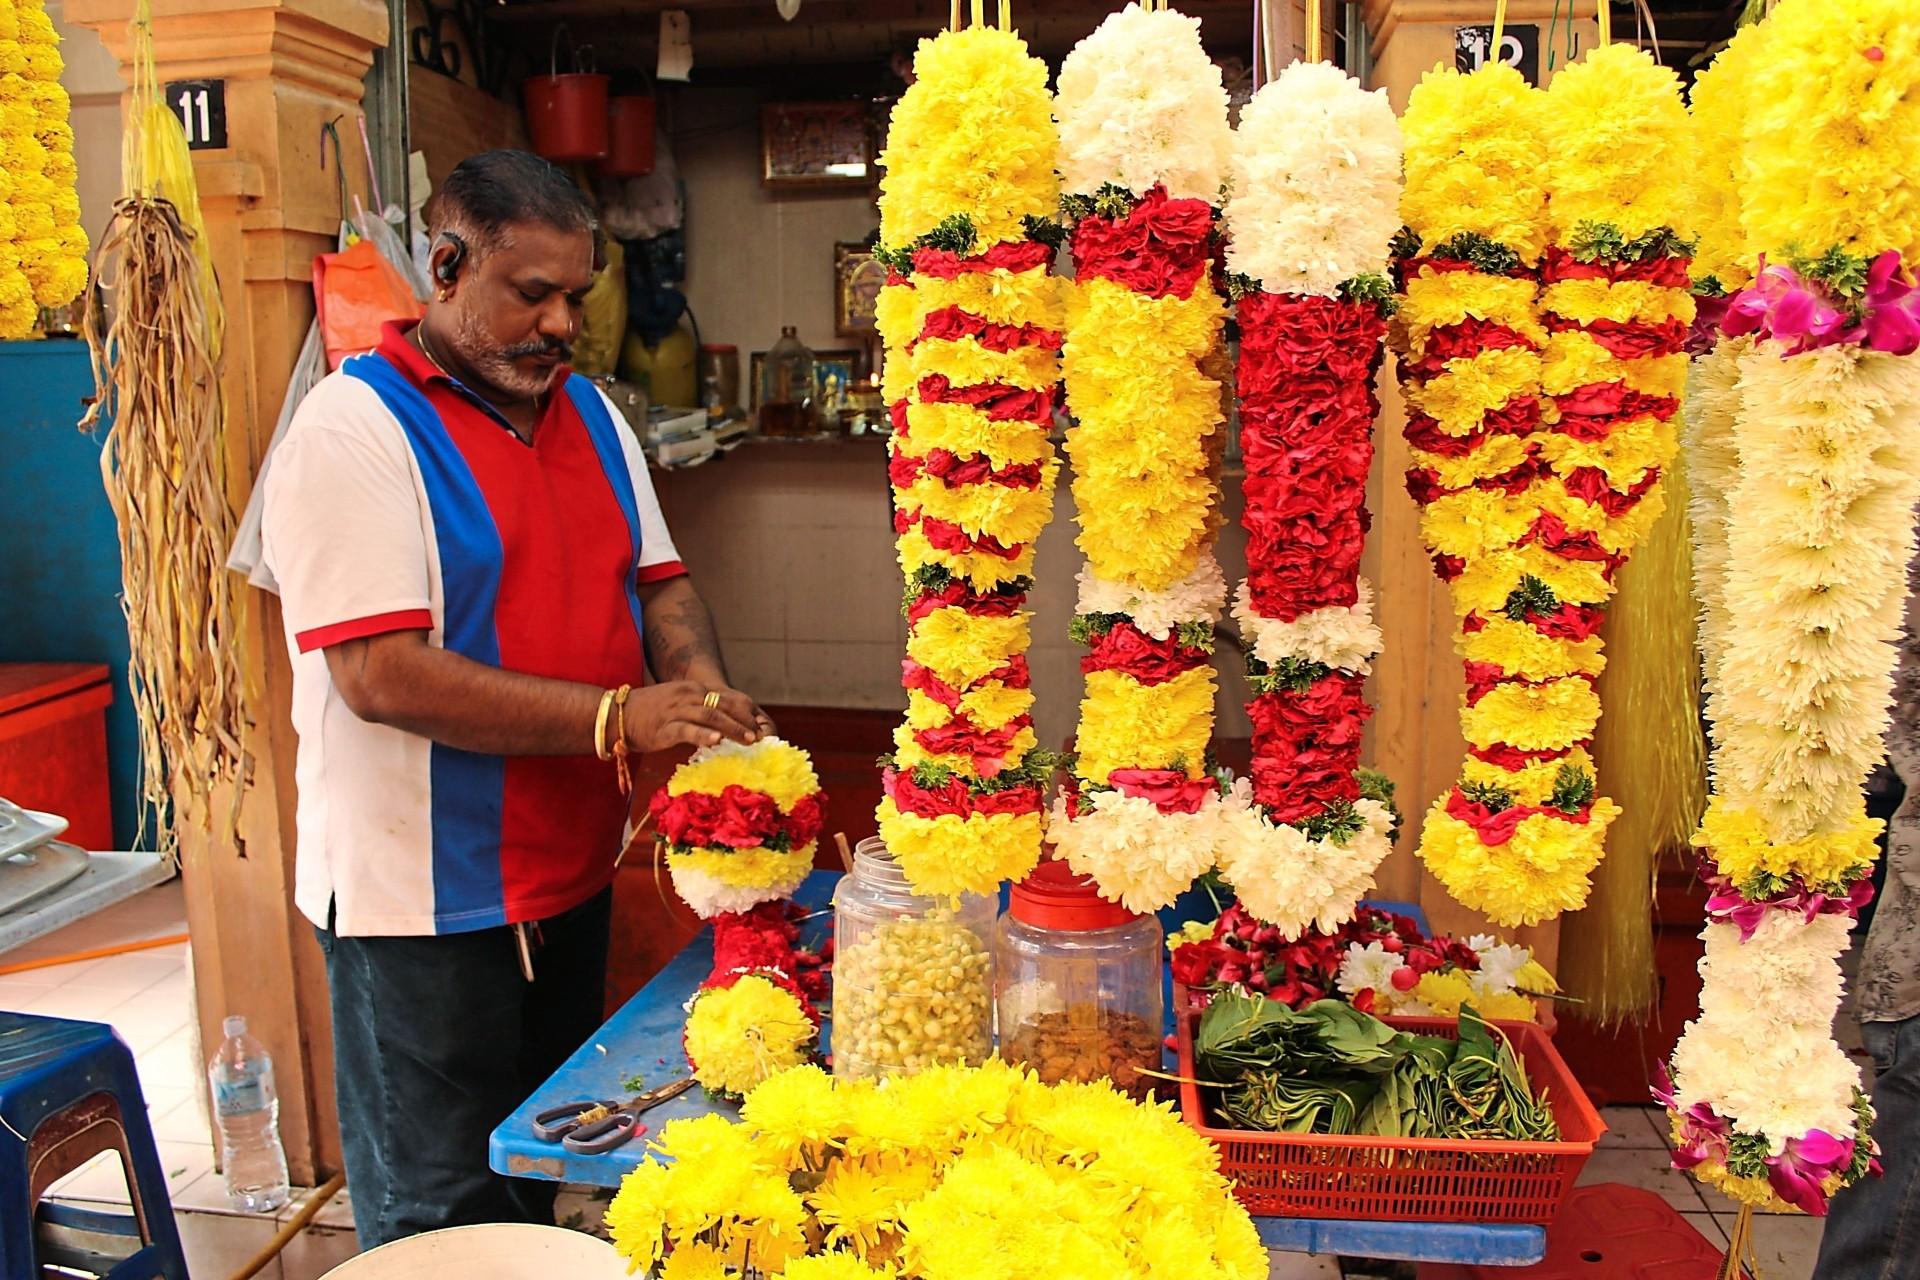 Senthilkumar making garlands at his stall in Wisma Low Kim Her, Brickfields.